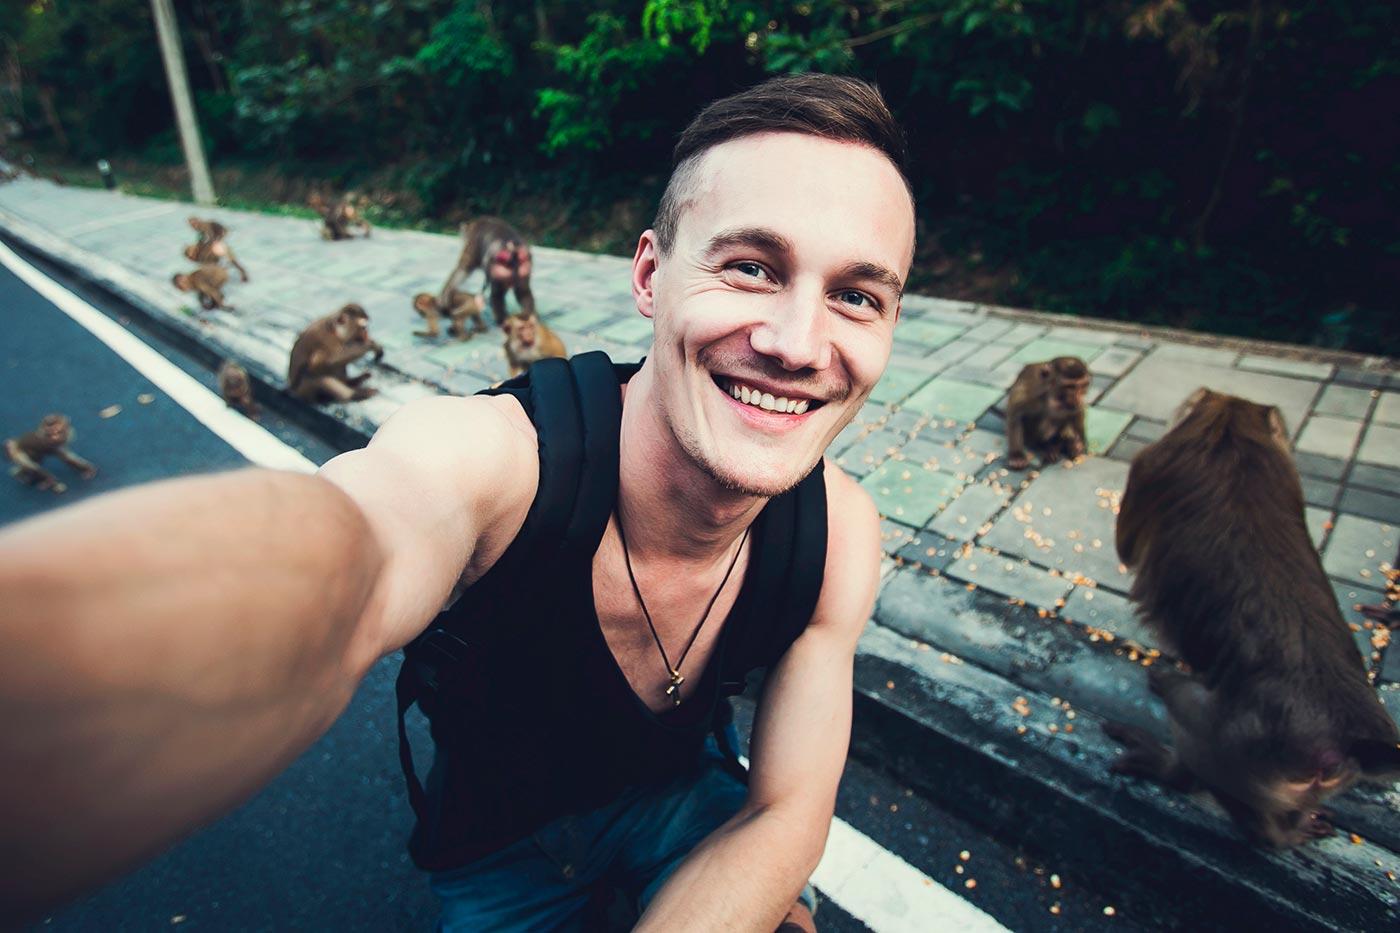 ᐈ ¿Por qué los selfies con animales salvajes son un problema?